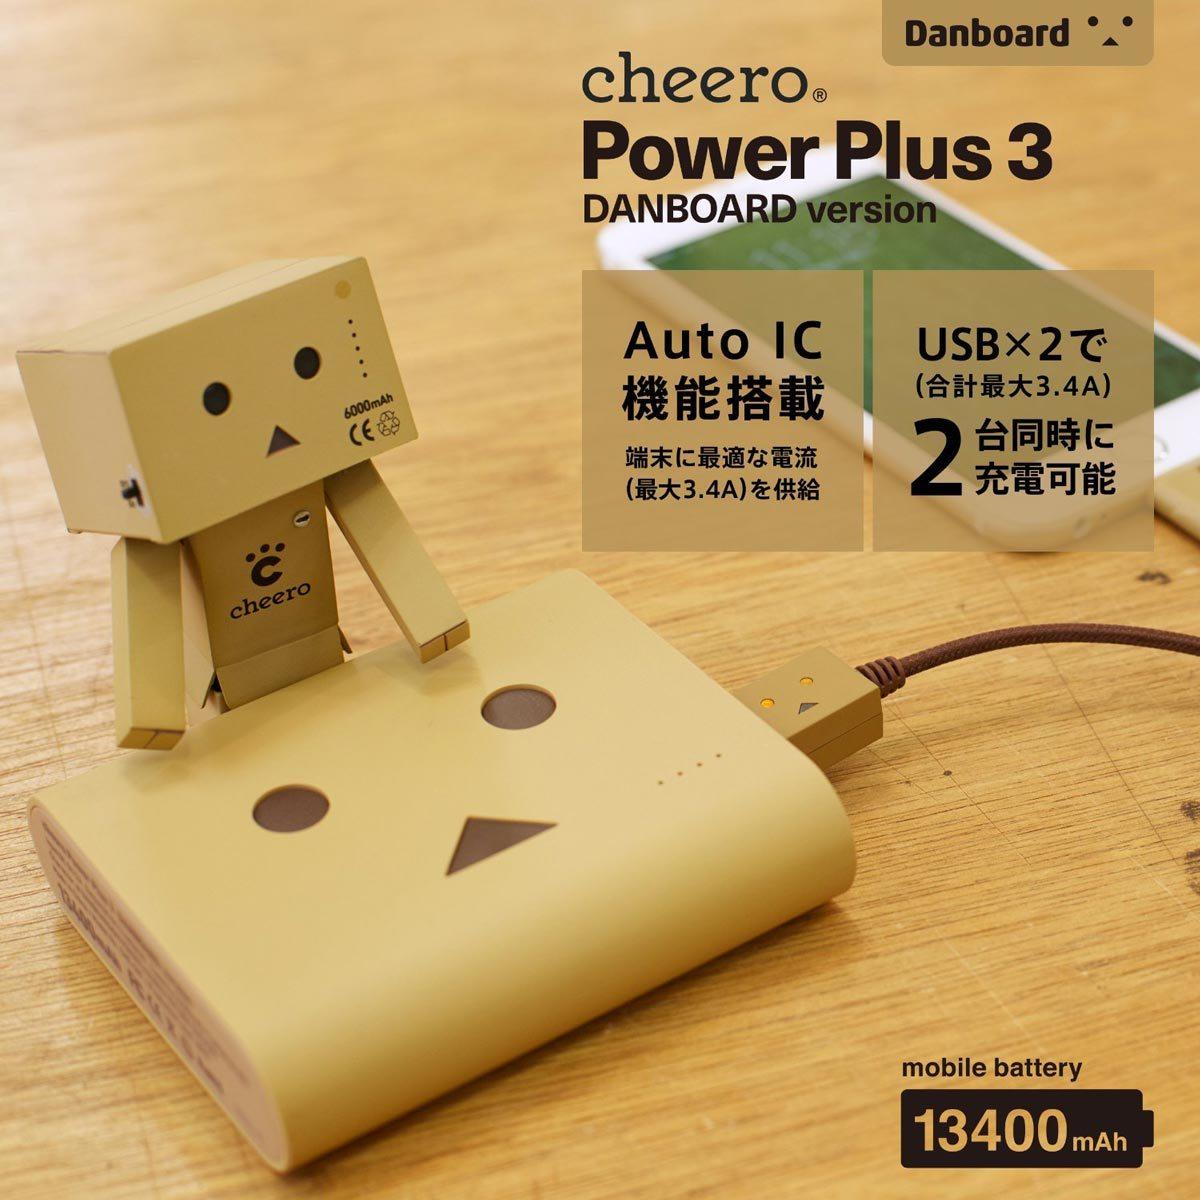 cheero_powerplus3_danboard_3